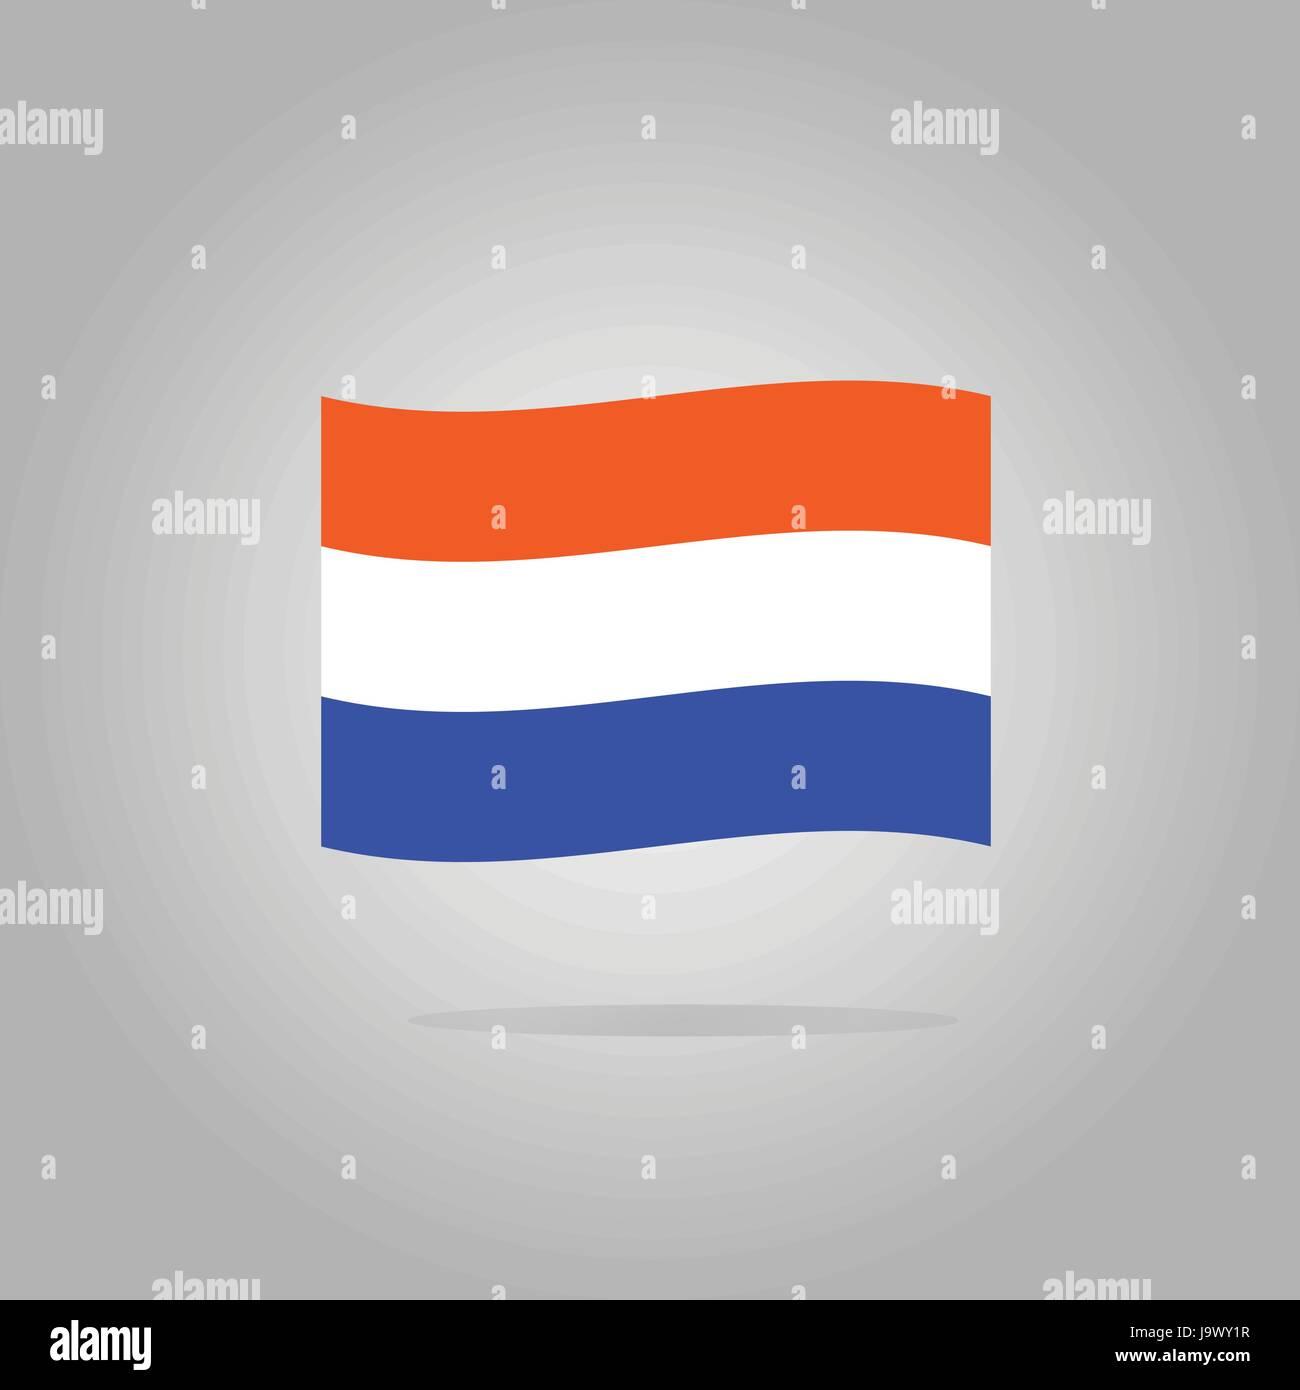 Netherlands flag design illustration - Stock Image